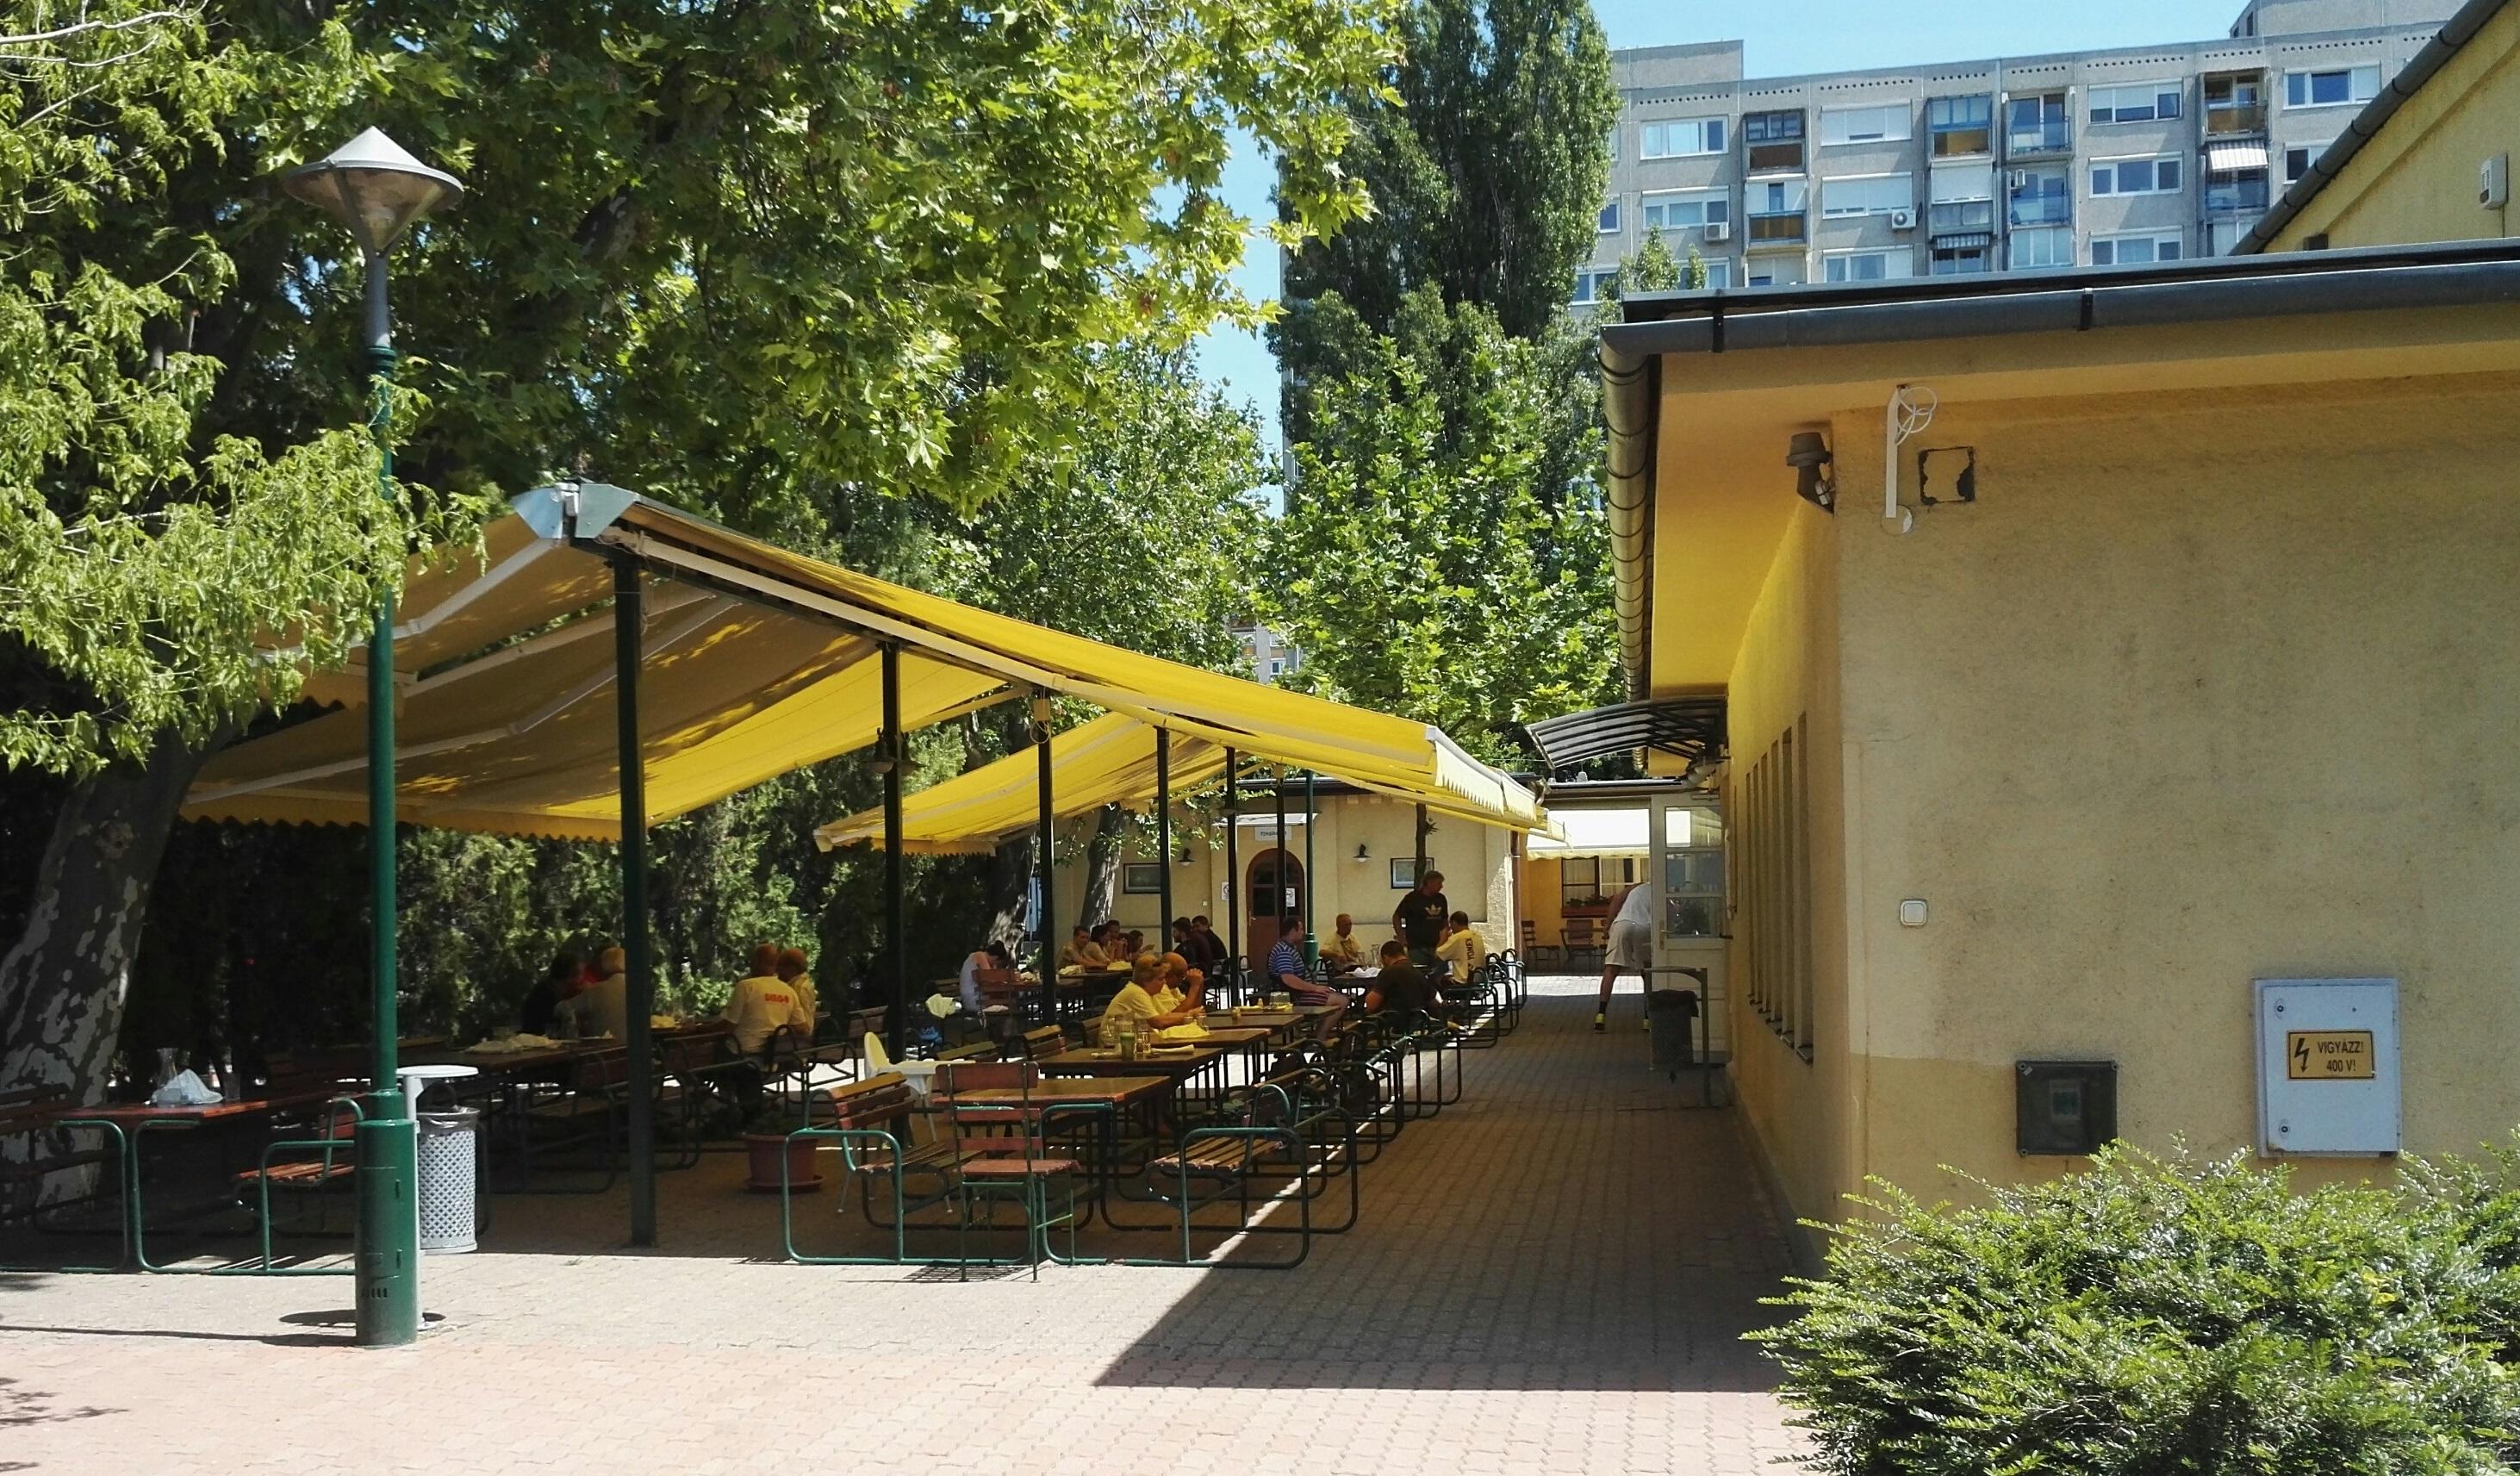 El lehet lopni egy éttermet ma Magyarországon? Úgy tűnik, hogy igen